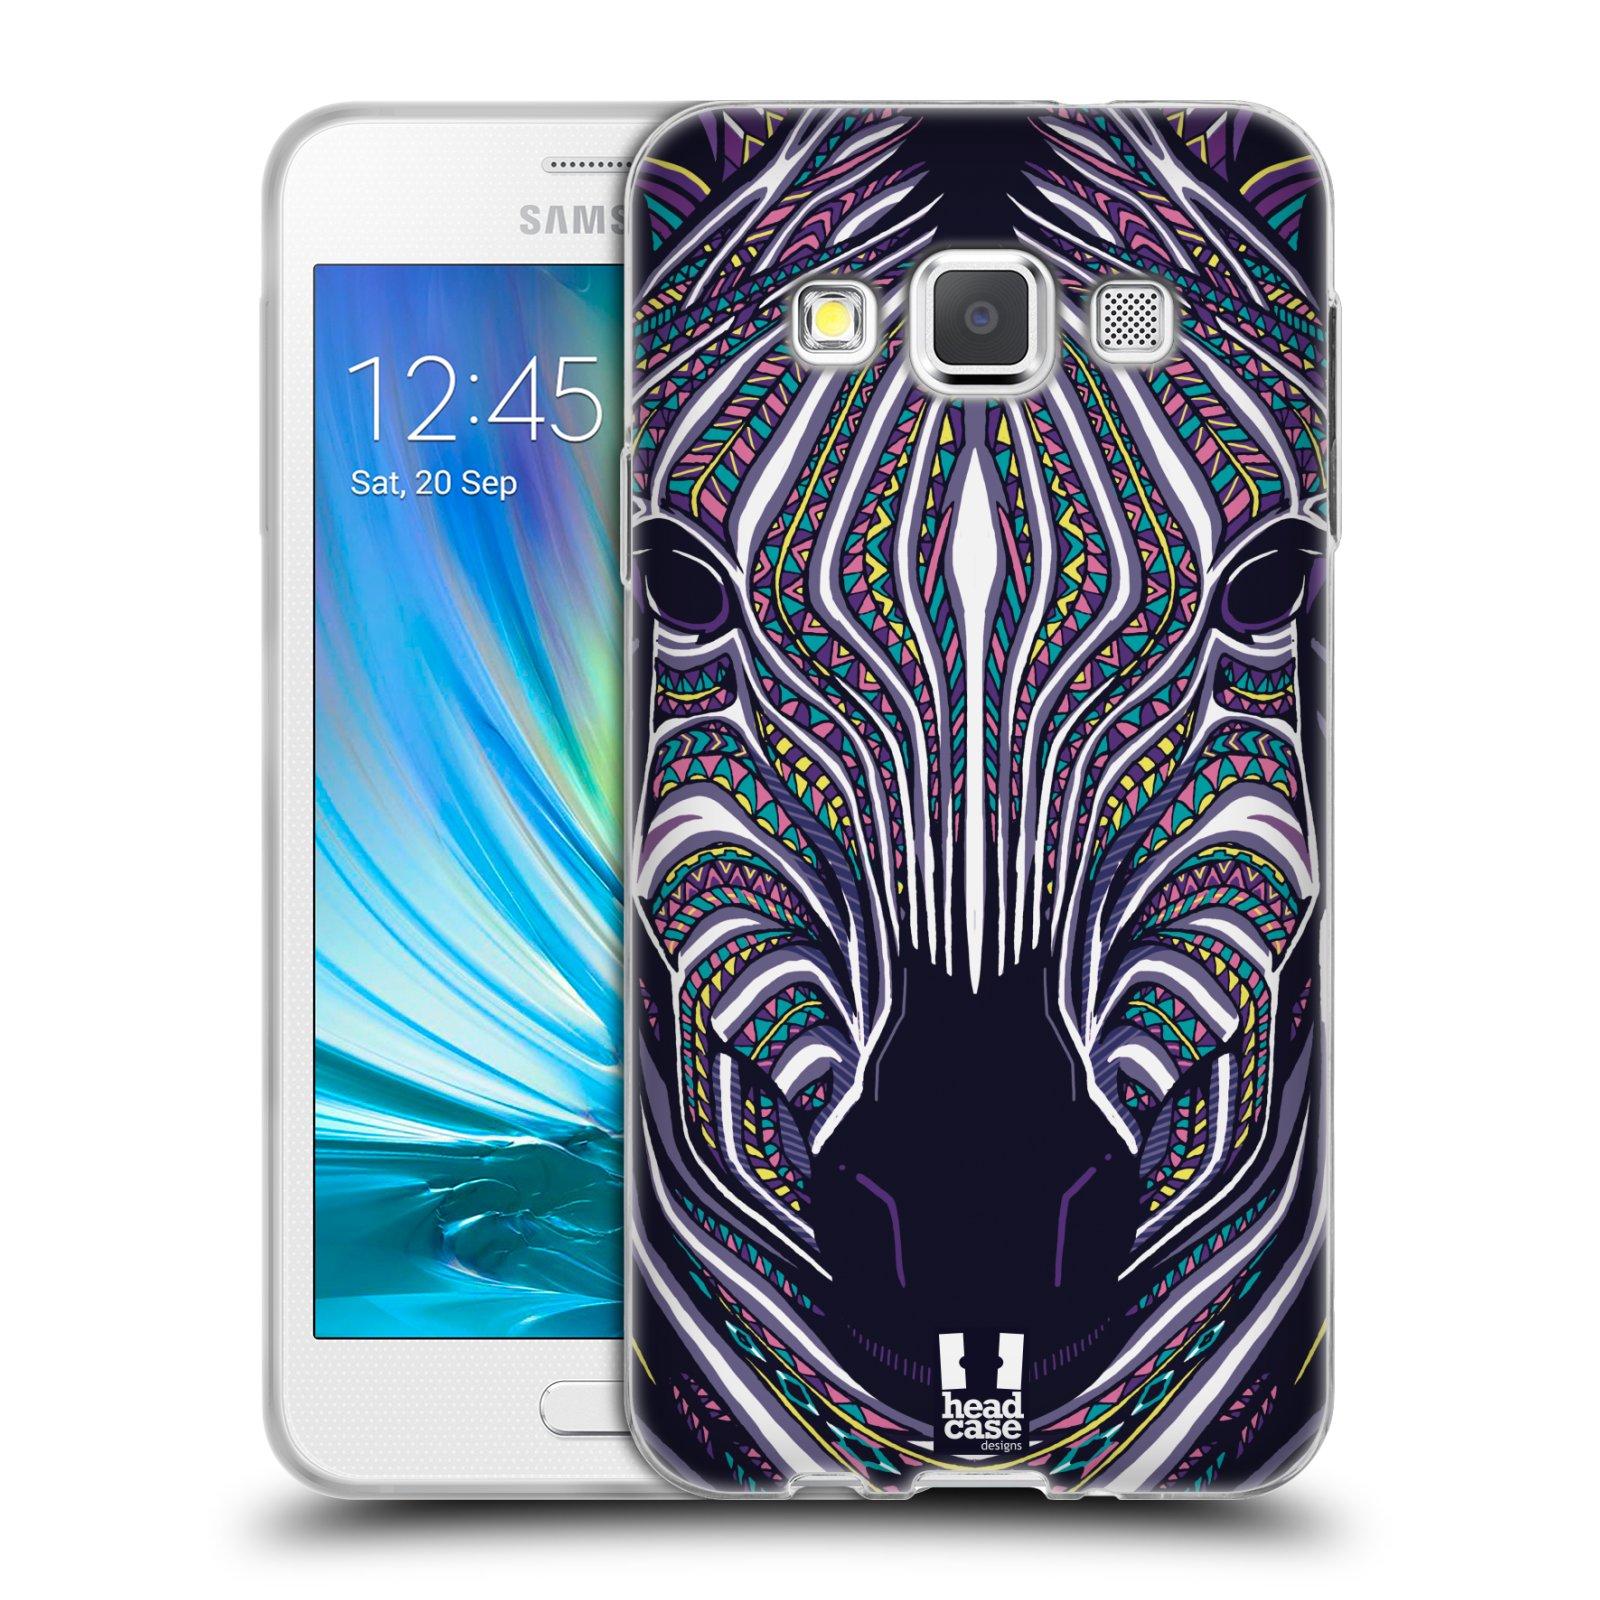 Silikonové pouzdro na mobil Samsung Galaxy A3 HEAD CASE AZTEC ZEBRA